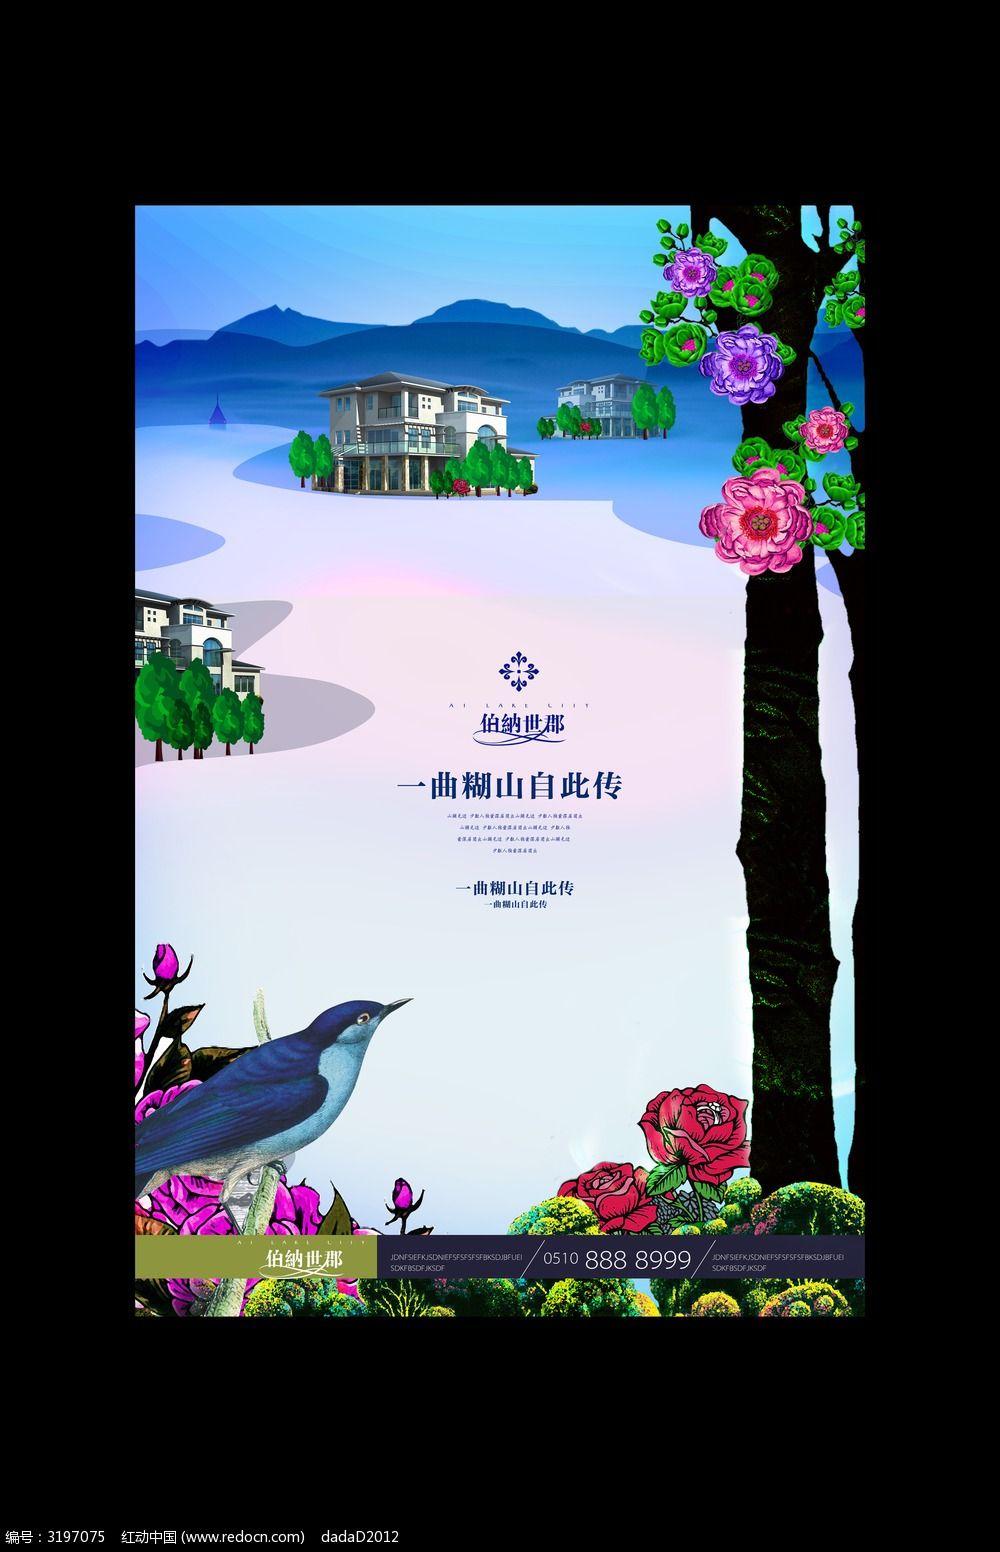 手绘别墅别墅广告_海报设计/宣传单/广告牌图黄山太平湖湾山水金盆图片